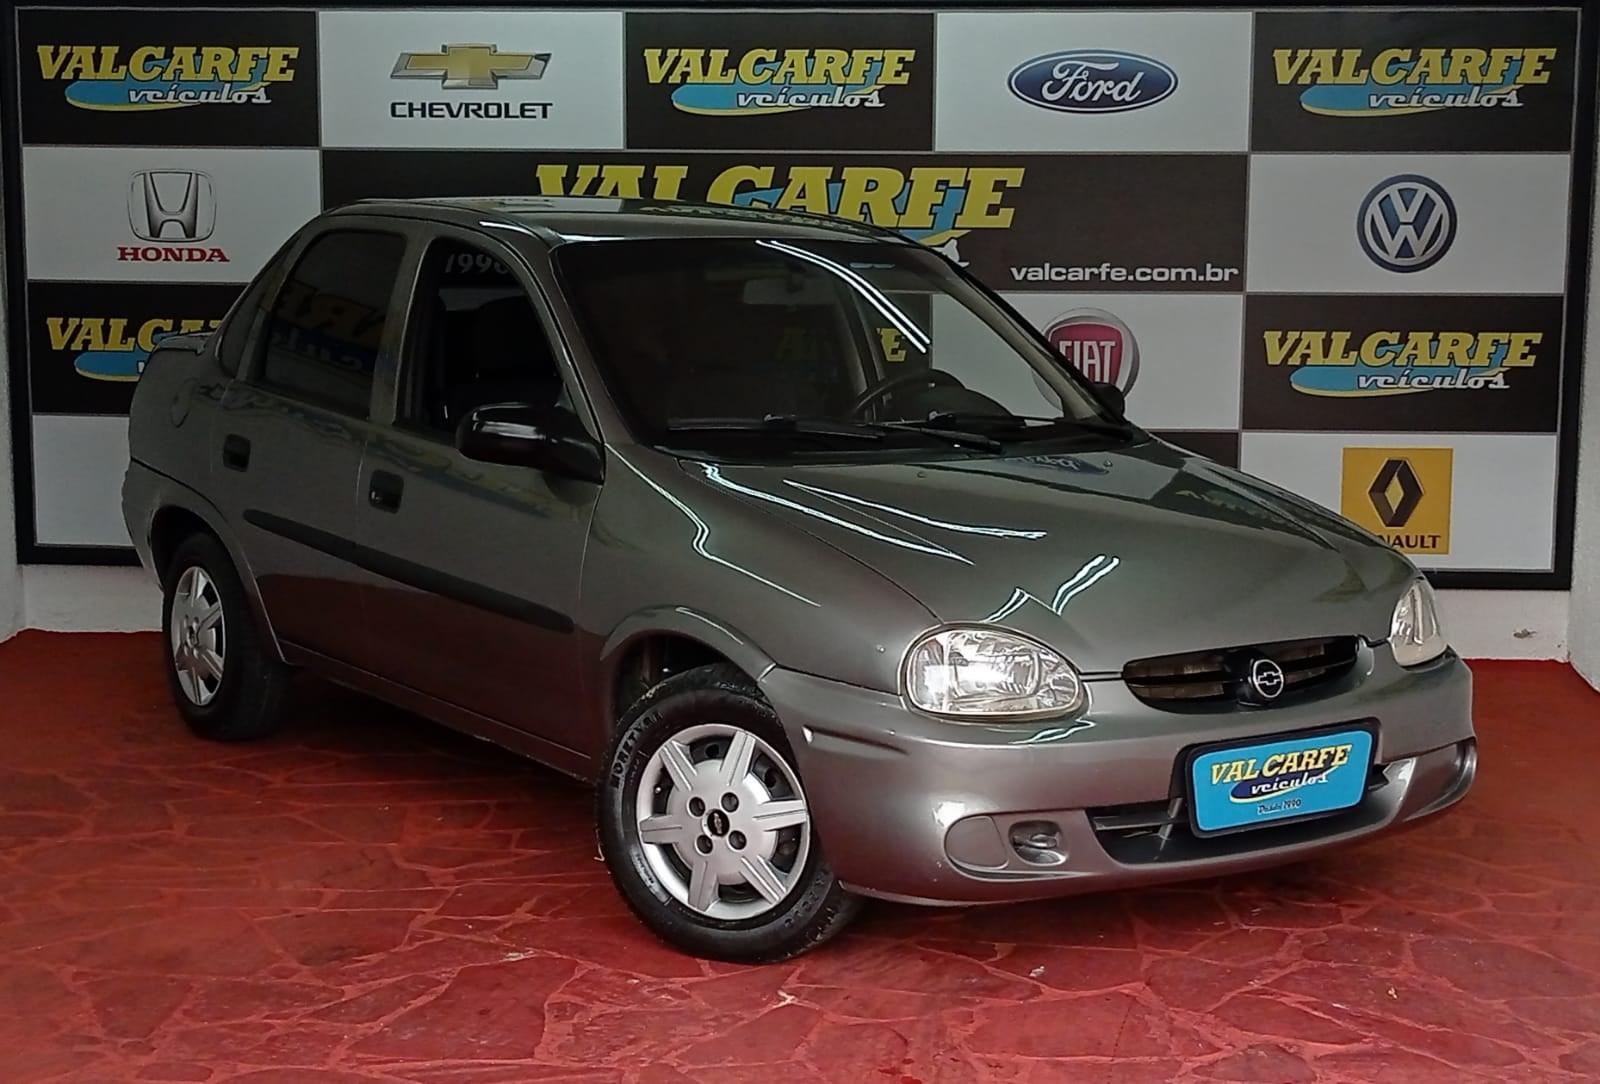 //www.autoline.com.br/carro/chevrolet/corsa-10-sedan-premium-8v-flex-4p-manual/2005/campinas-sp/15693663